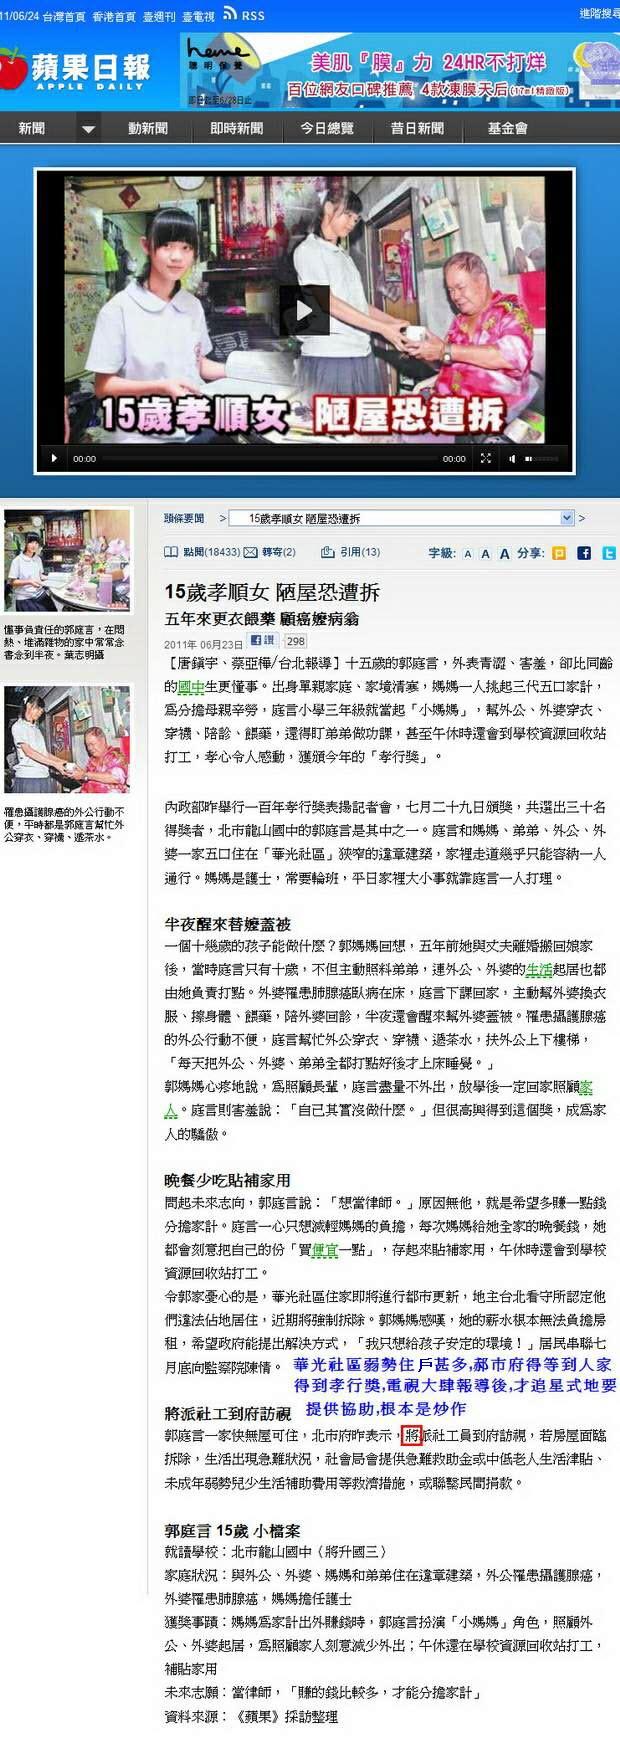 15歲孝順女 陋屋恐遭拆  頭條要聞  蘋果日報-2011.06.23.jpg